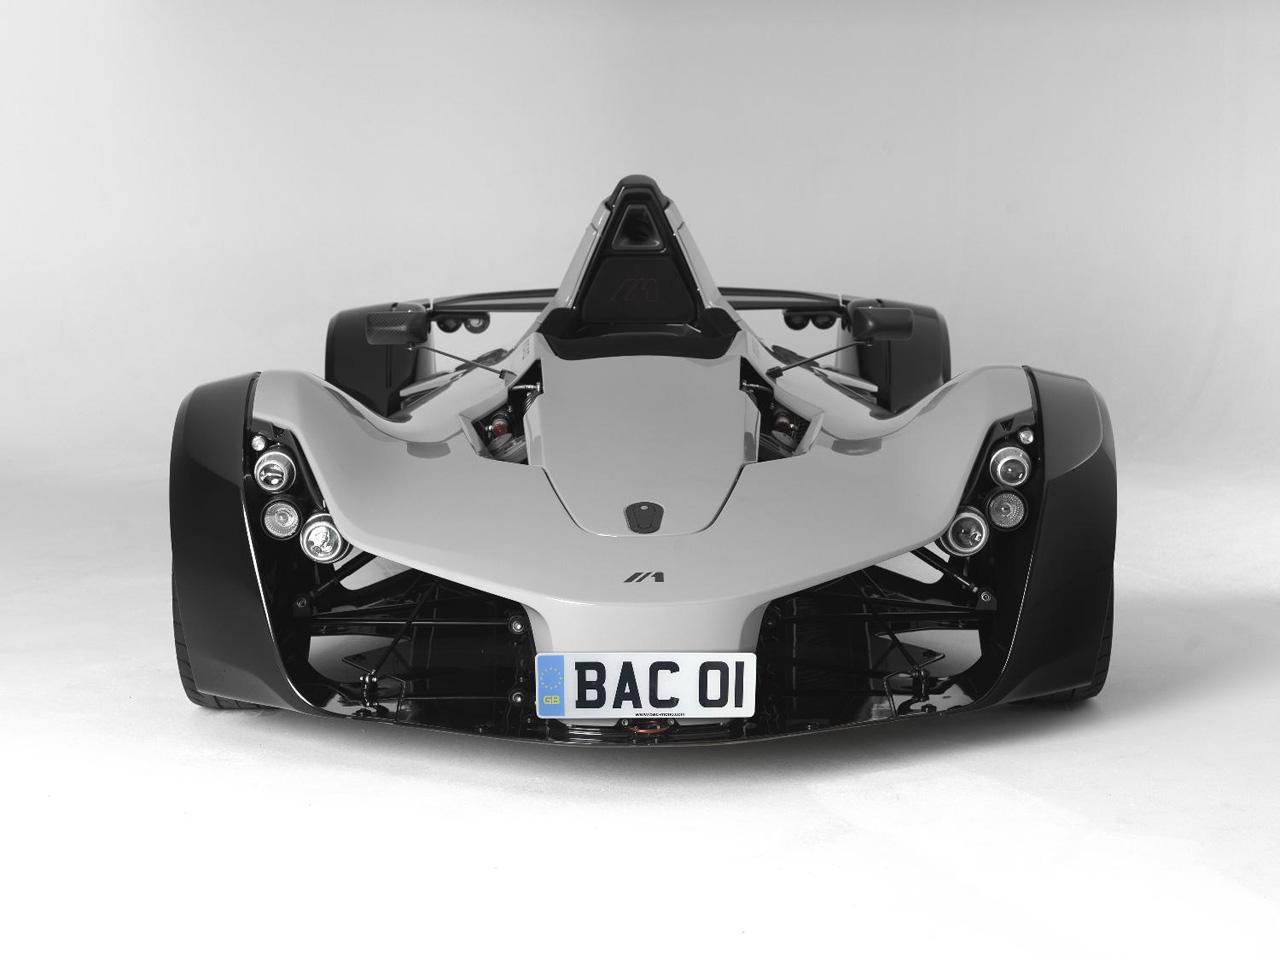 Bac Mono Price >> Pick of The Day: BAC Mono : ebeasts.com